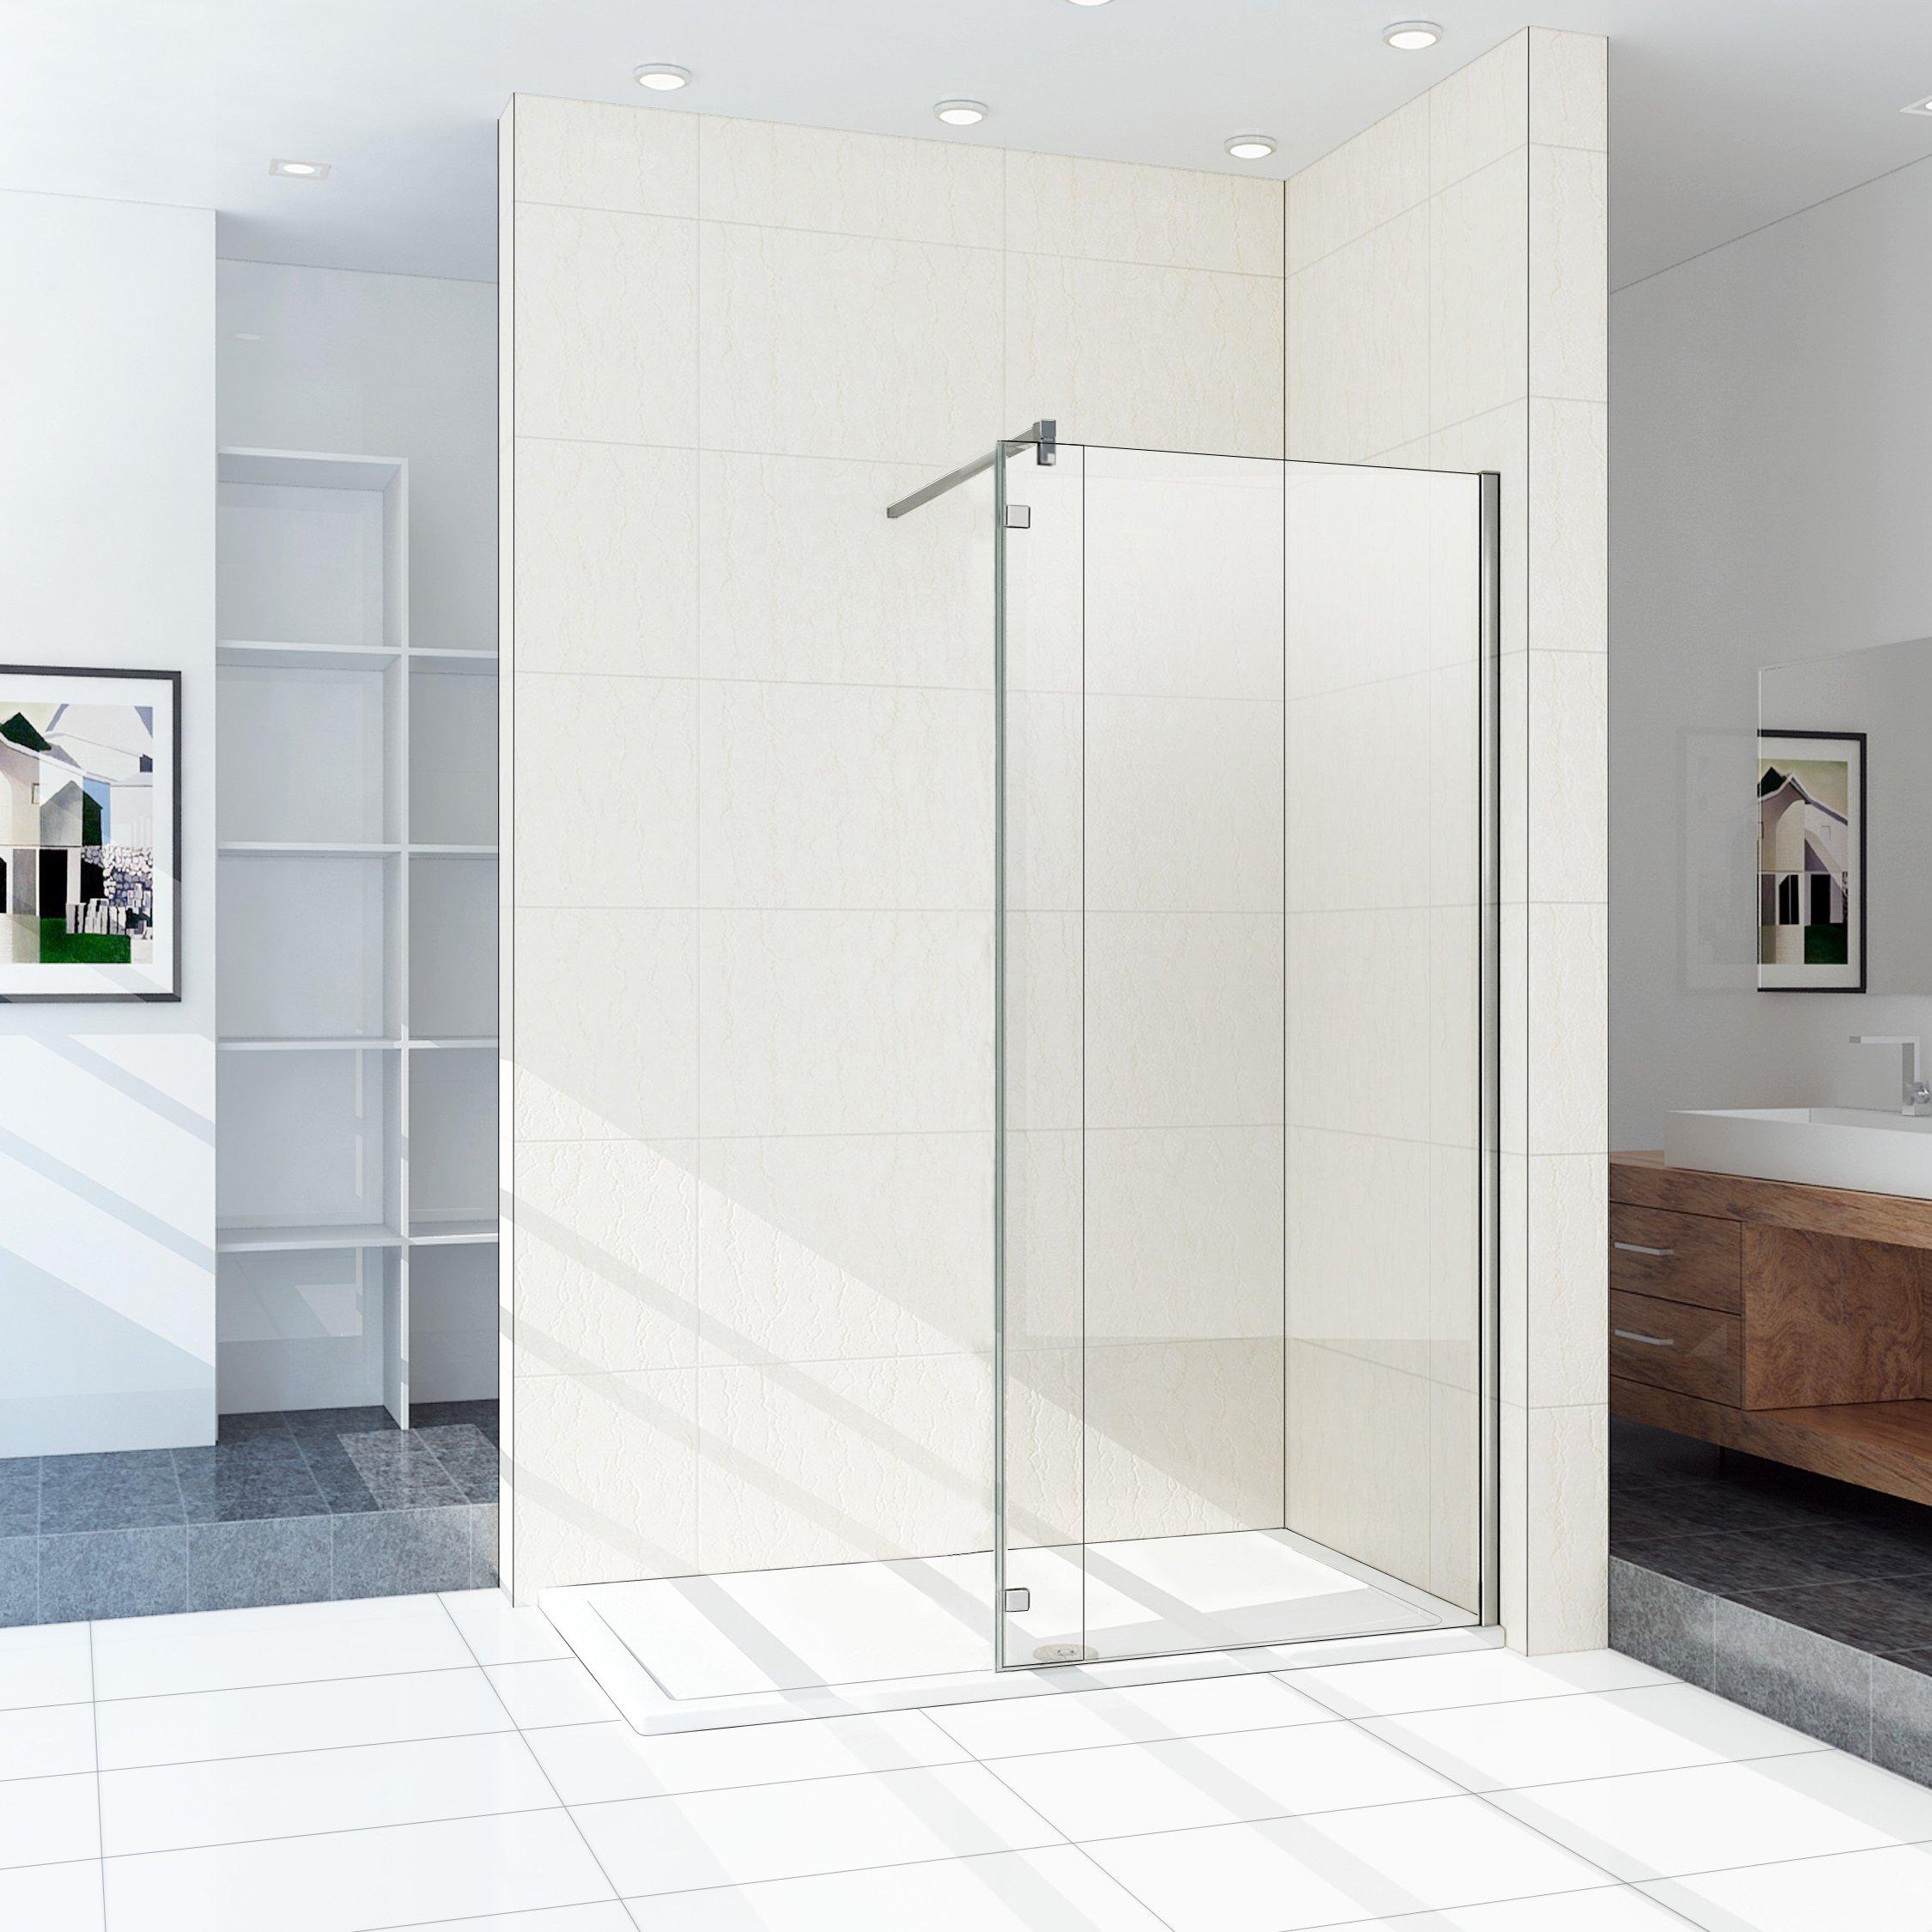 Mampara de ducha con mampara de Bisagra 40 cm Walk In con barra de fijación: Amazon.es: Bricolaje y herramientas